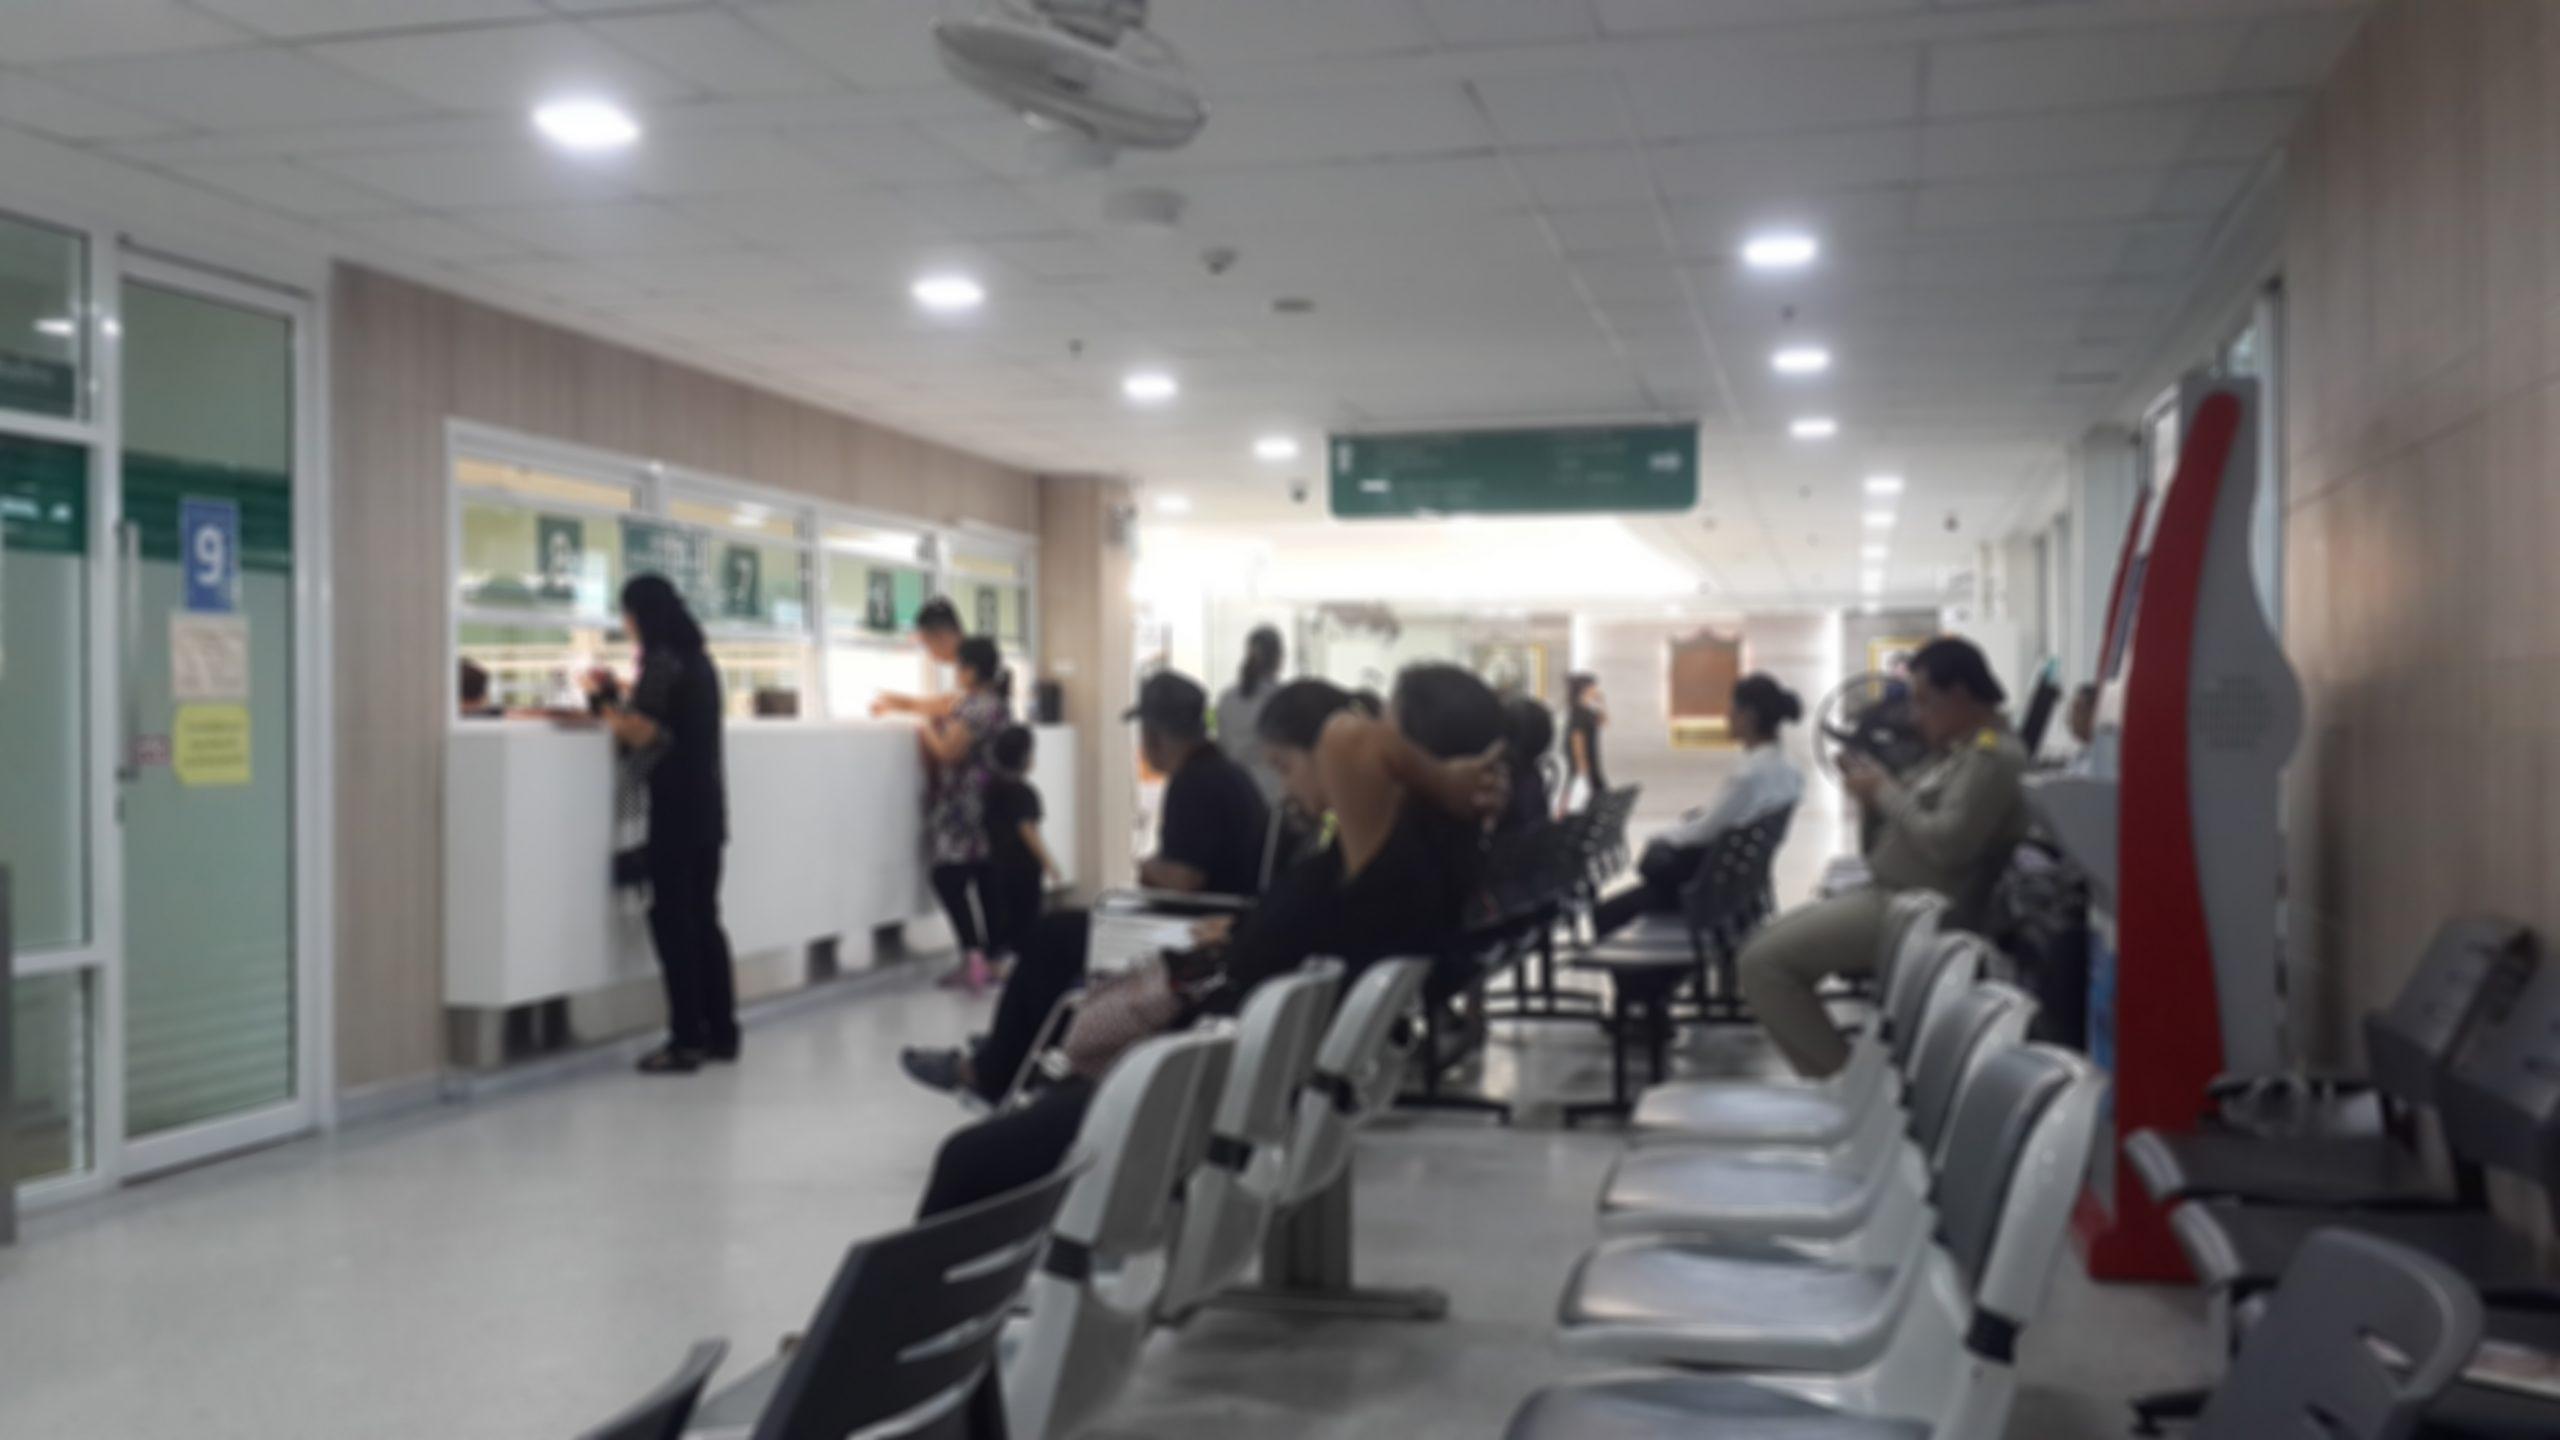 Hastalar hastane içinde sandalyelere oturmuş sıra bekliyorlar.